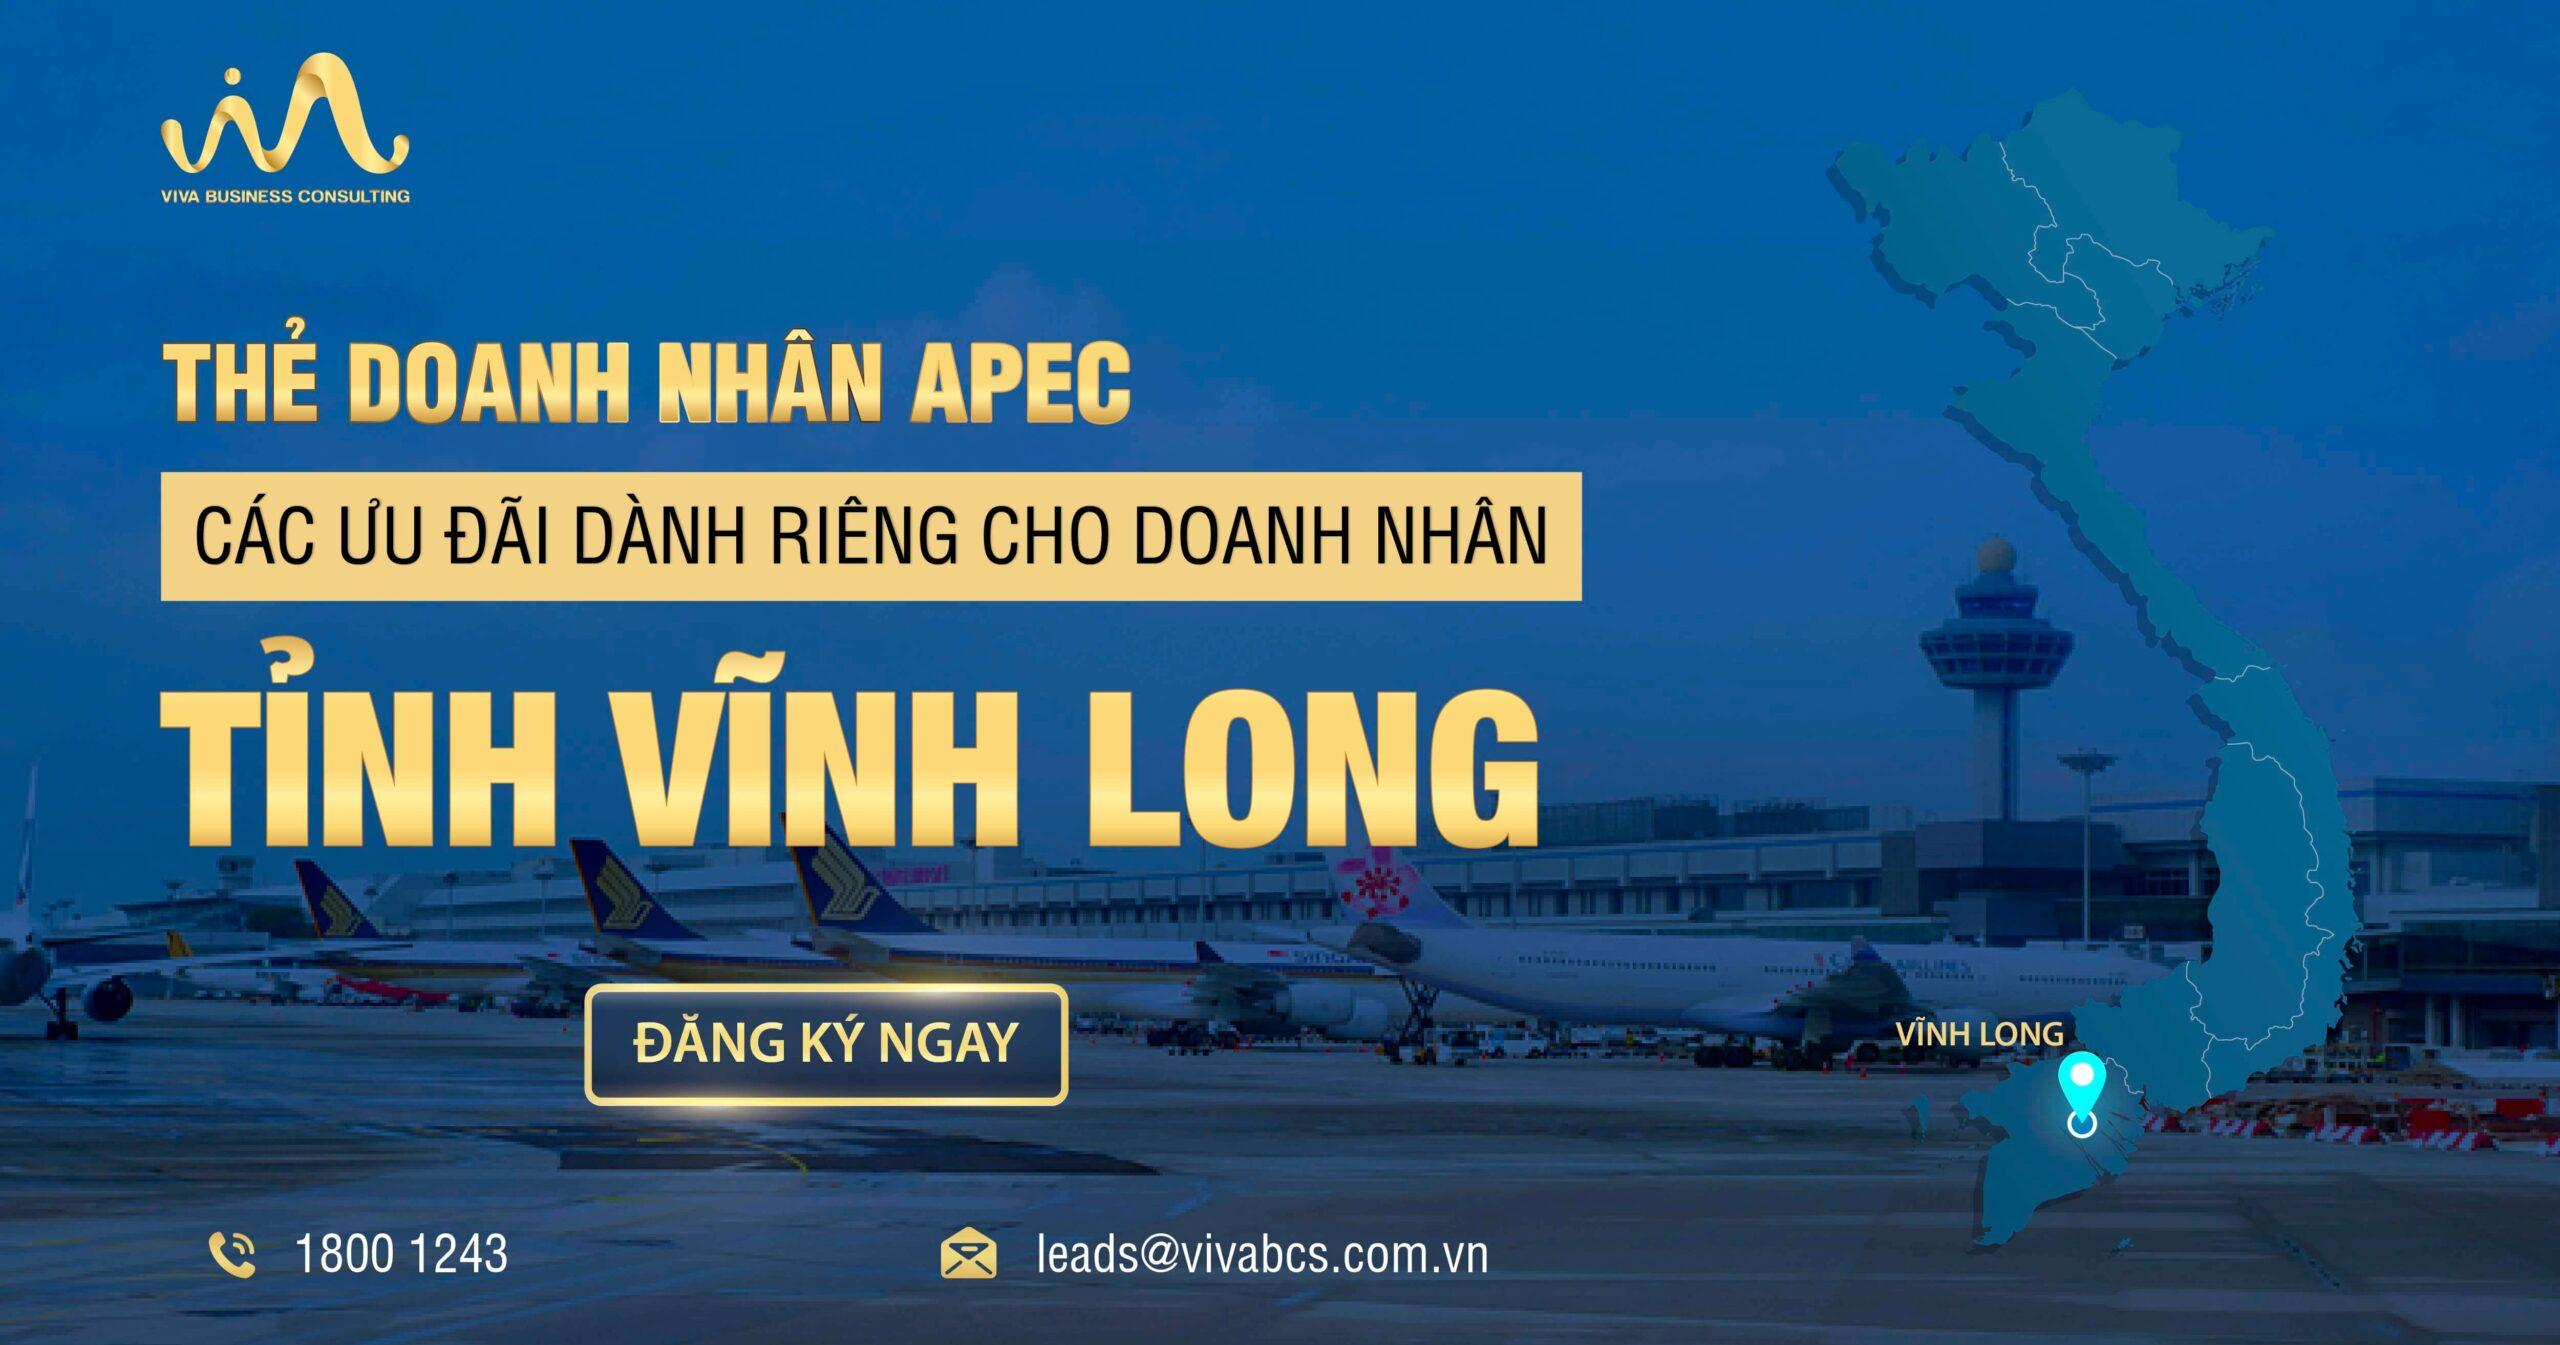 Chương trình thẻ APEC dành riêng cho doanh nhân Vĩnh Long